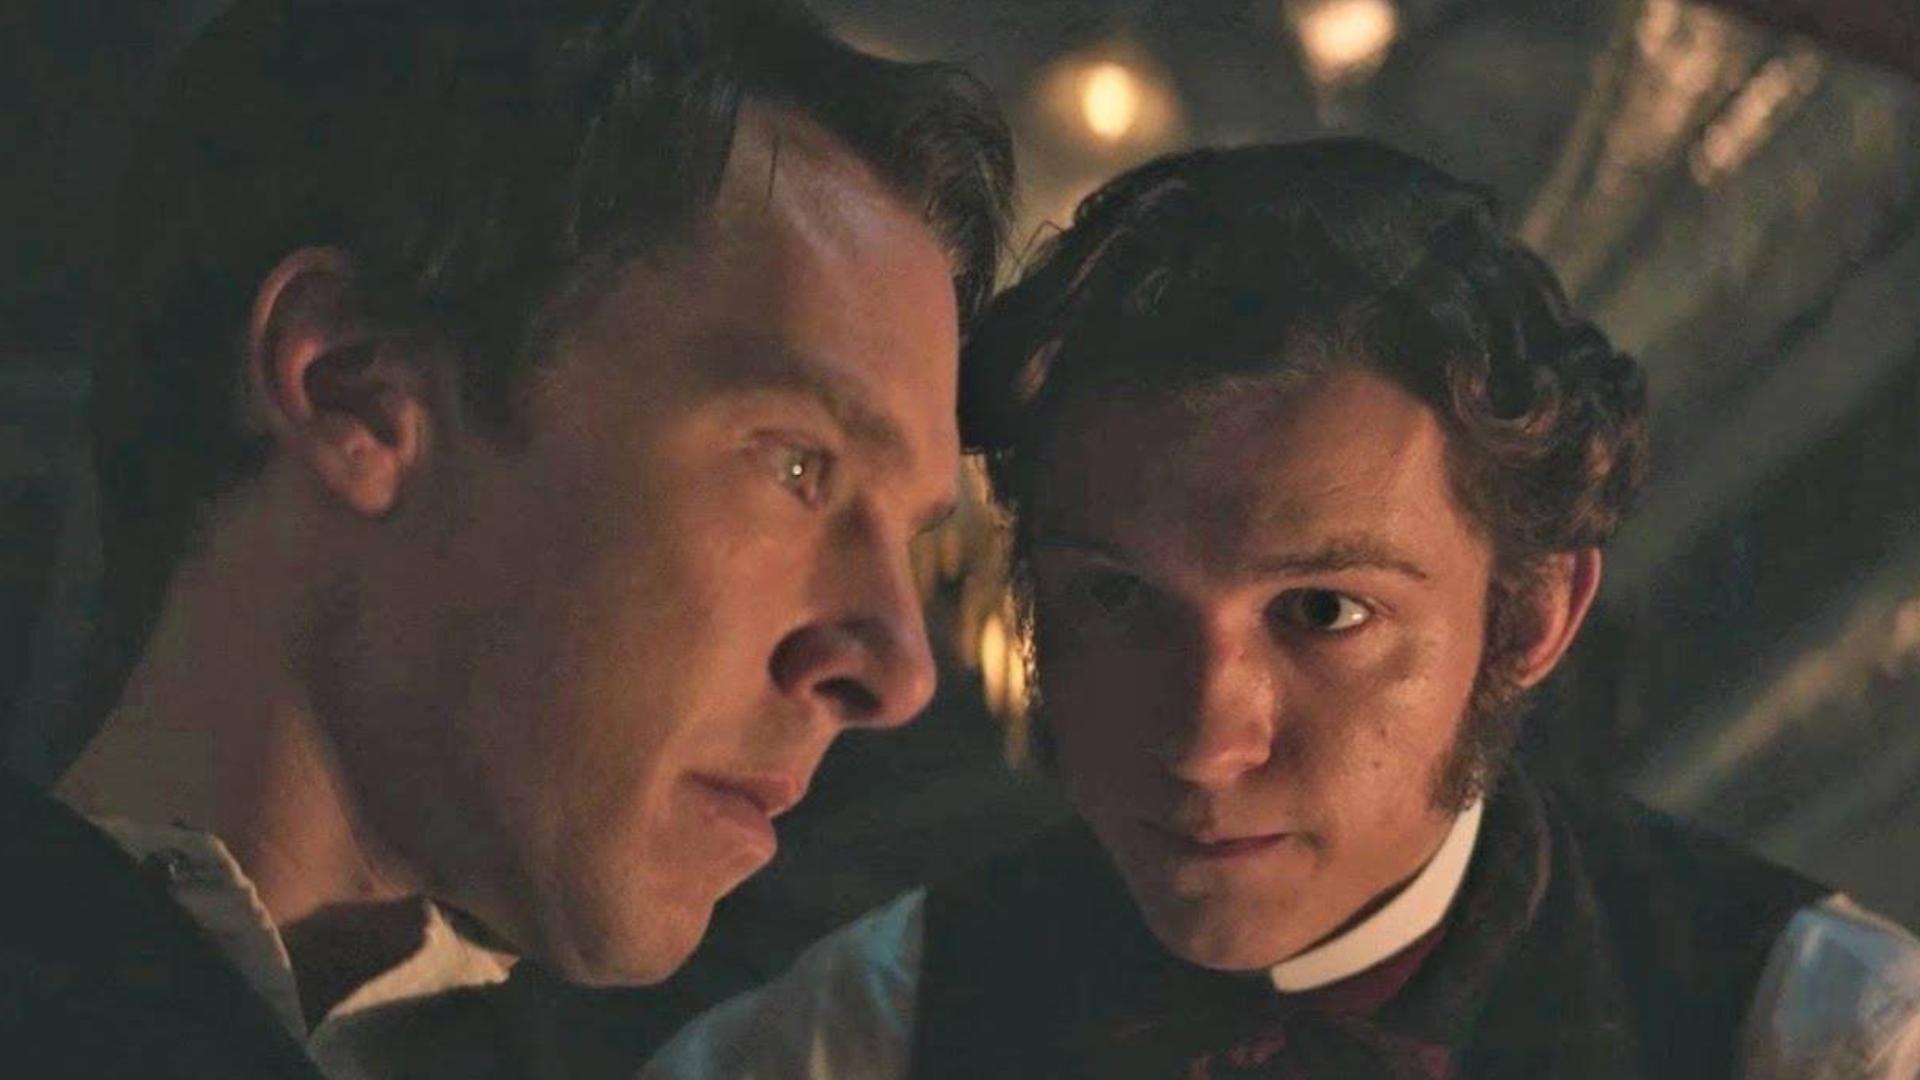 【冷门推荐】来介绍一部男人与男人互相放电交流的电影《电流大战》